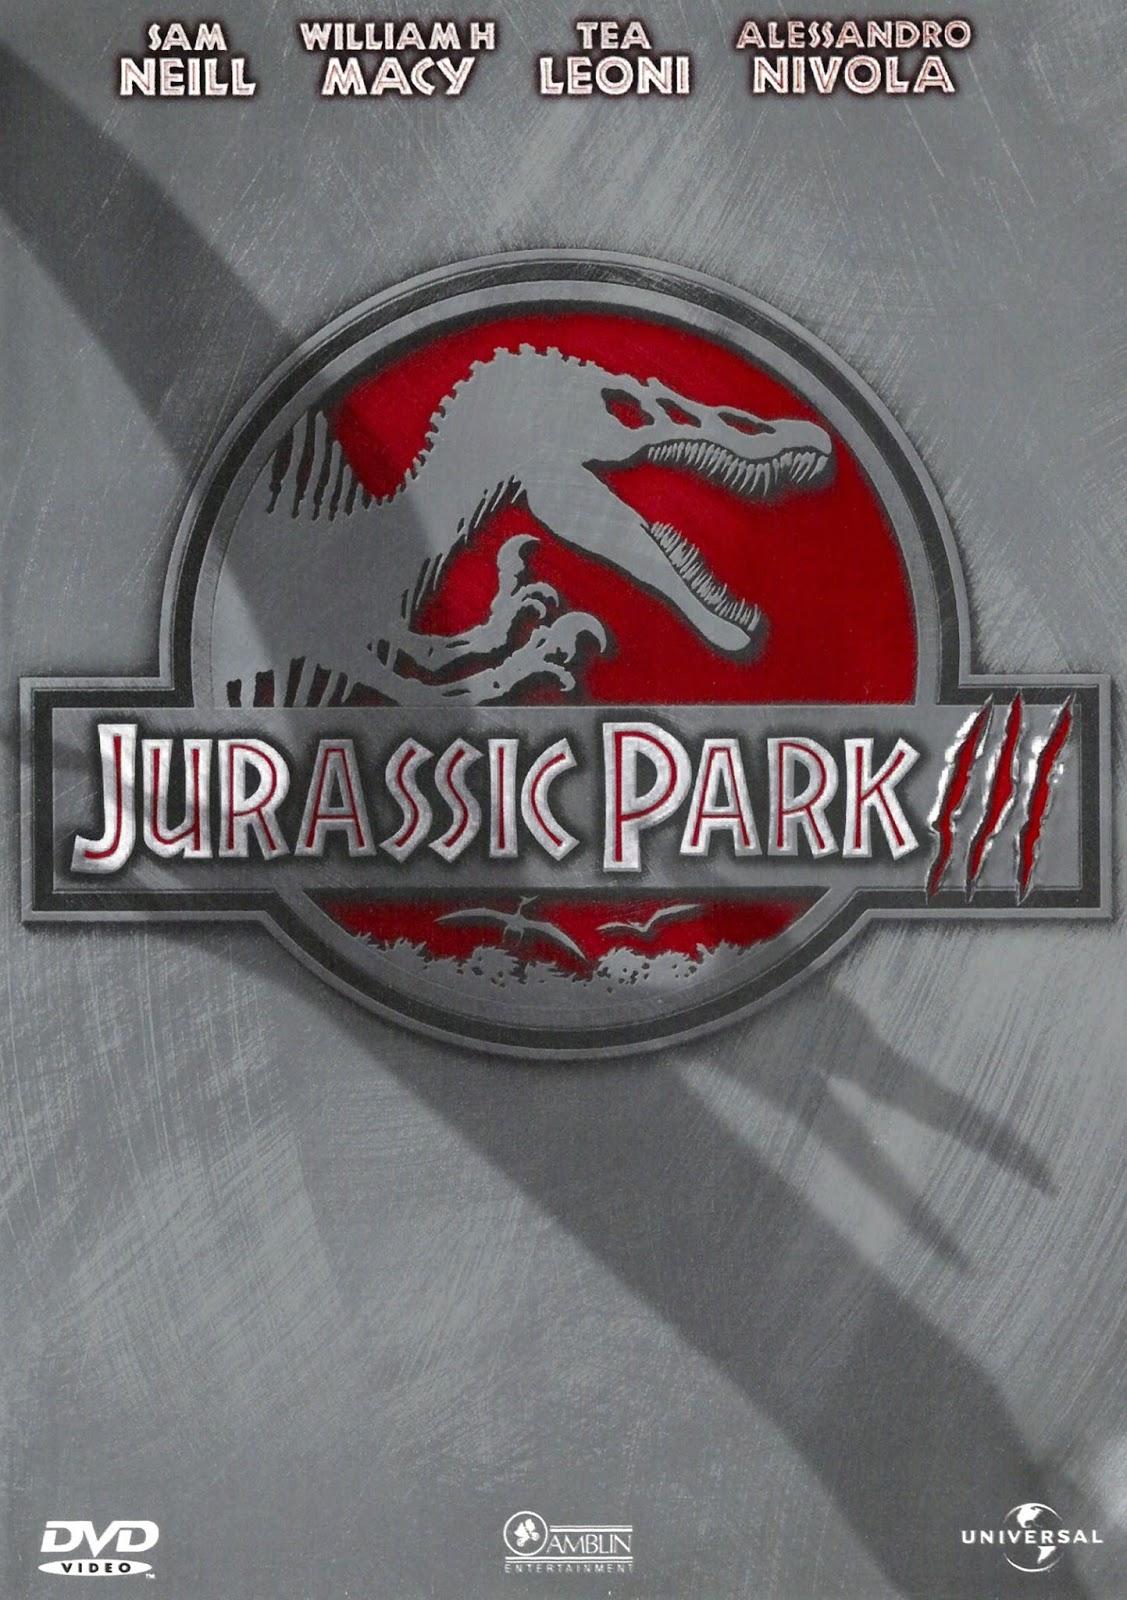 Jurassic Park 3 – Dublado (2001)